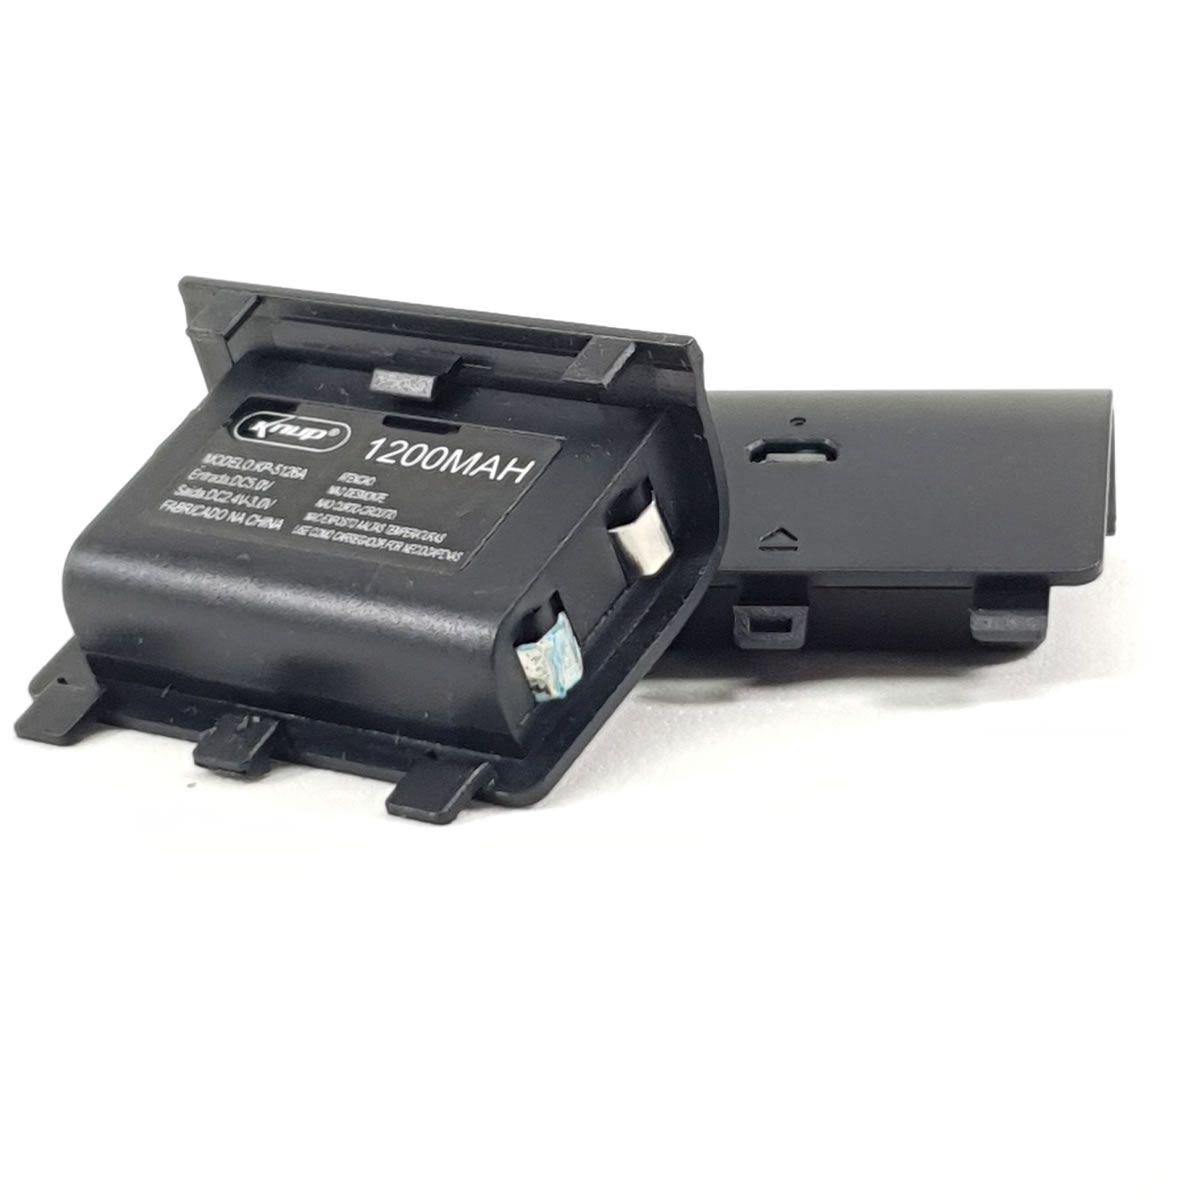 eanxKit 2 baterias recarregável com carregador para controle Xbox One